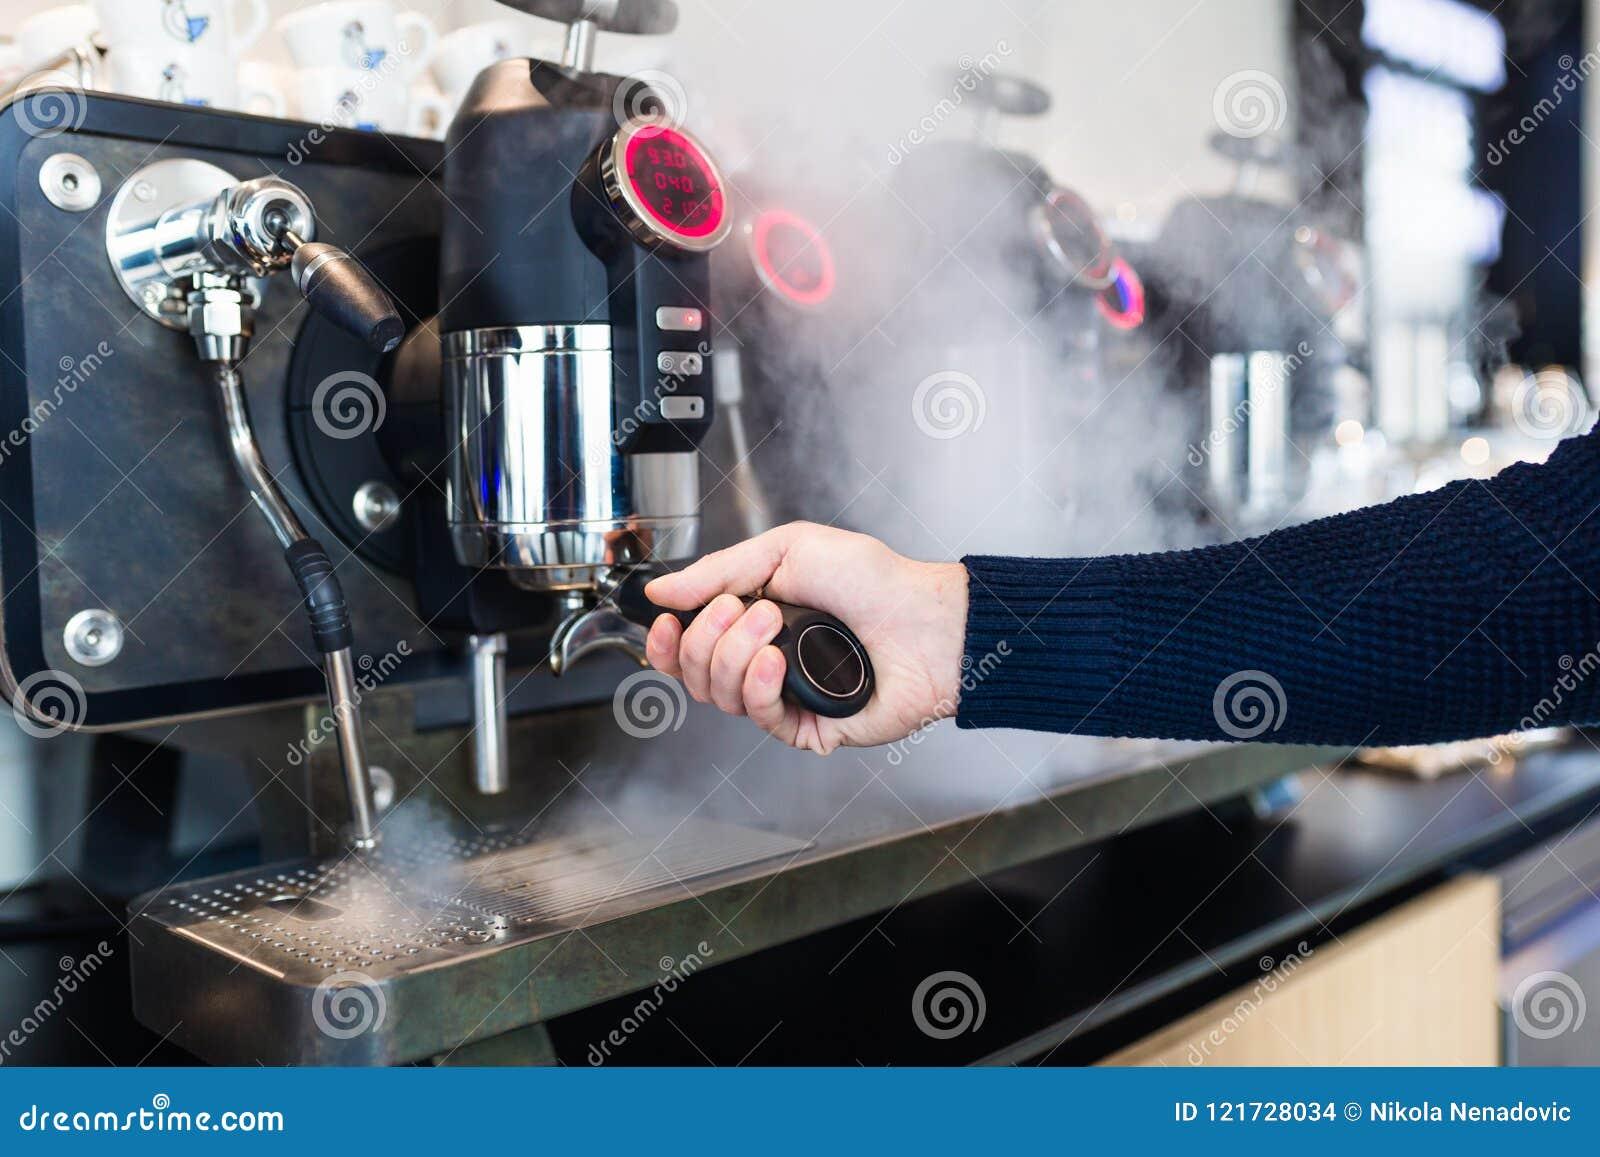 Trabajo e interiores de la cafetería